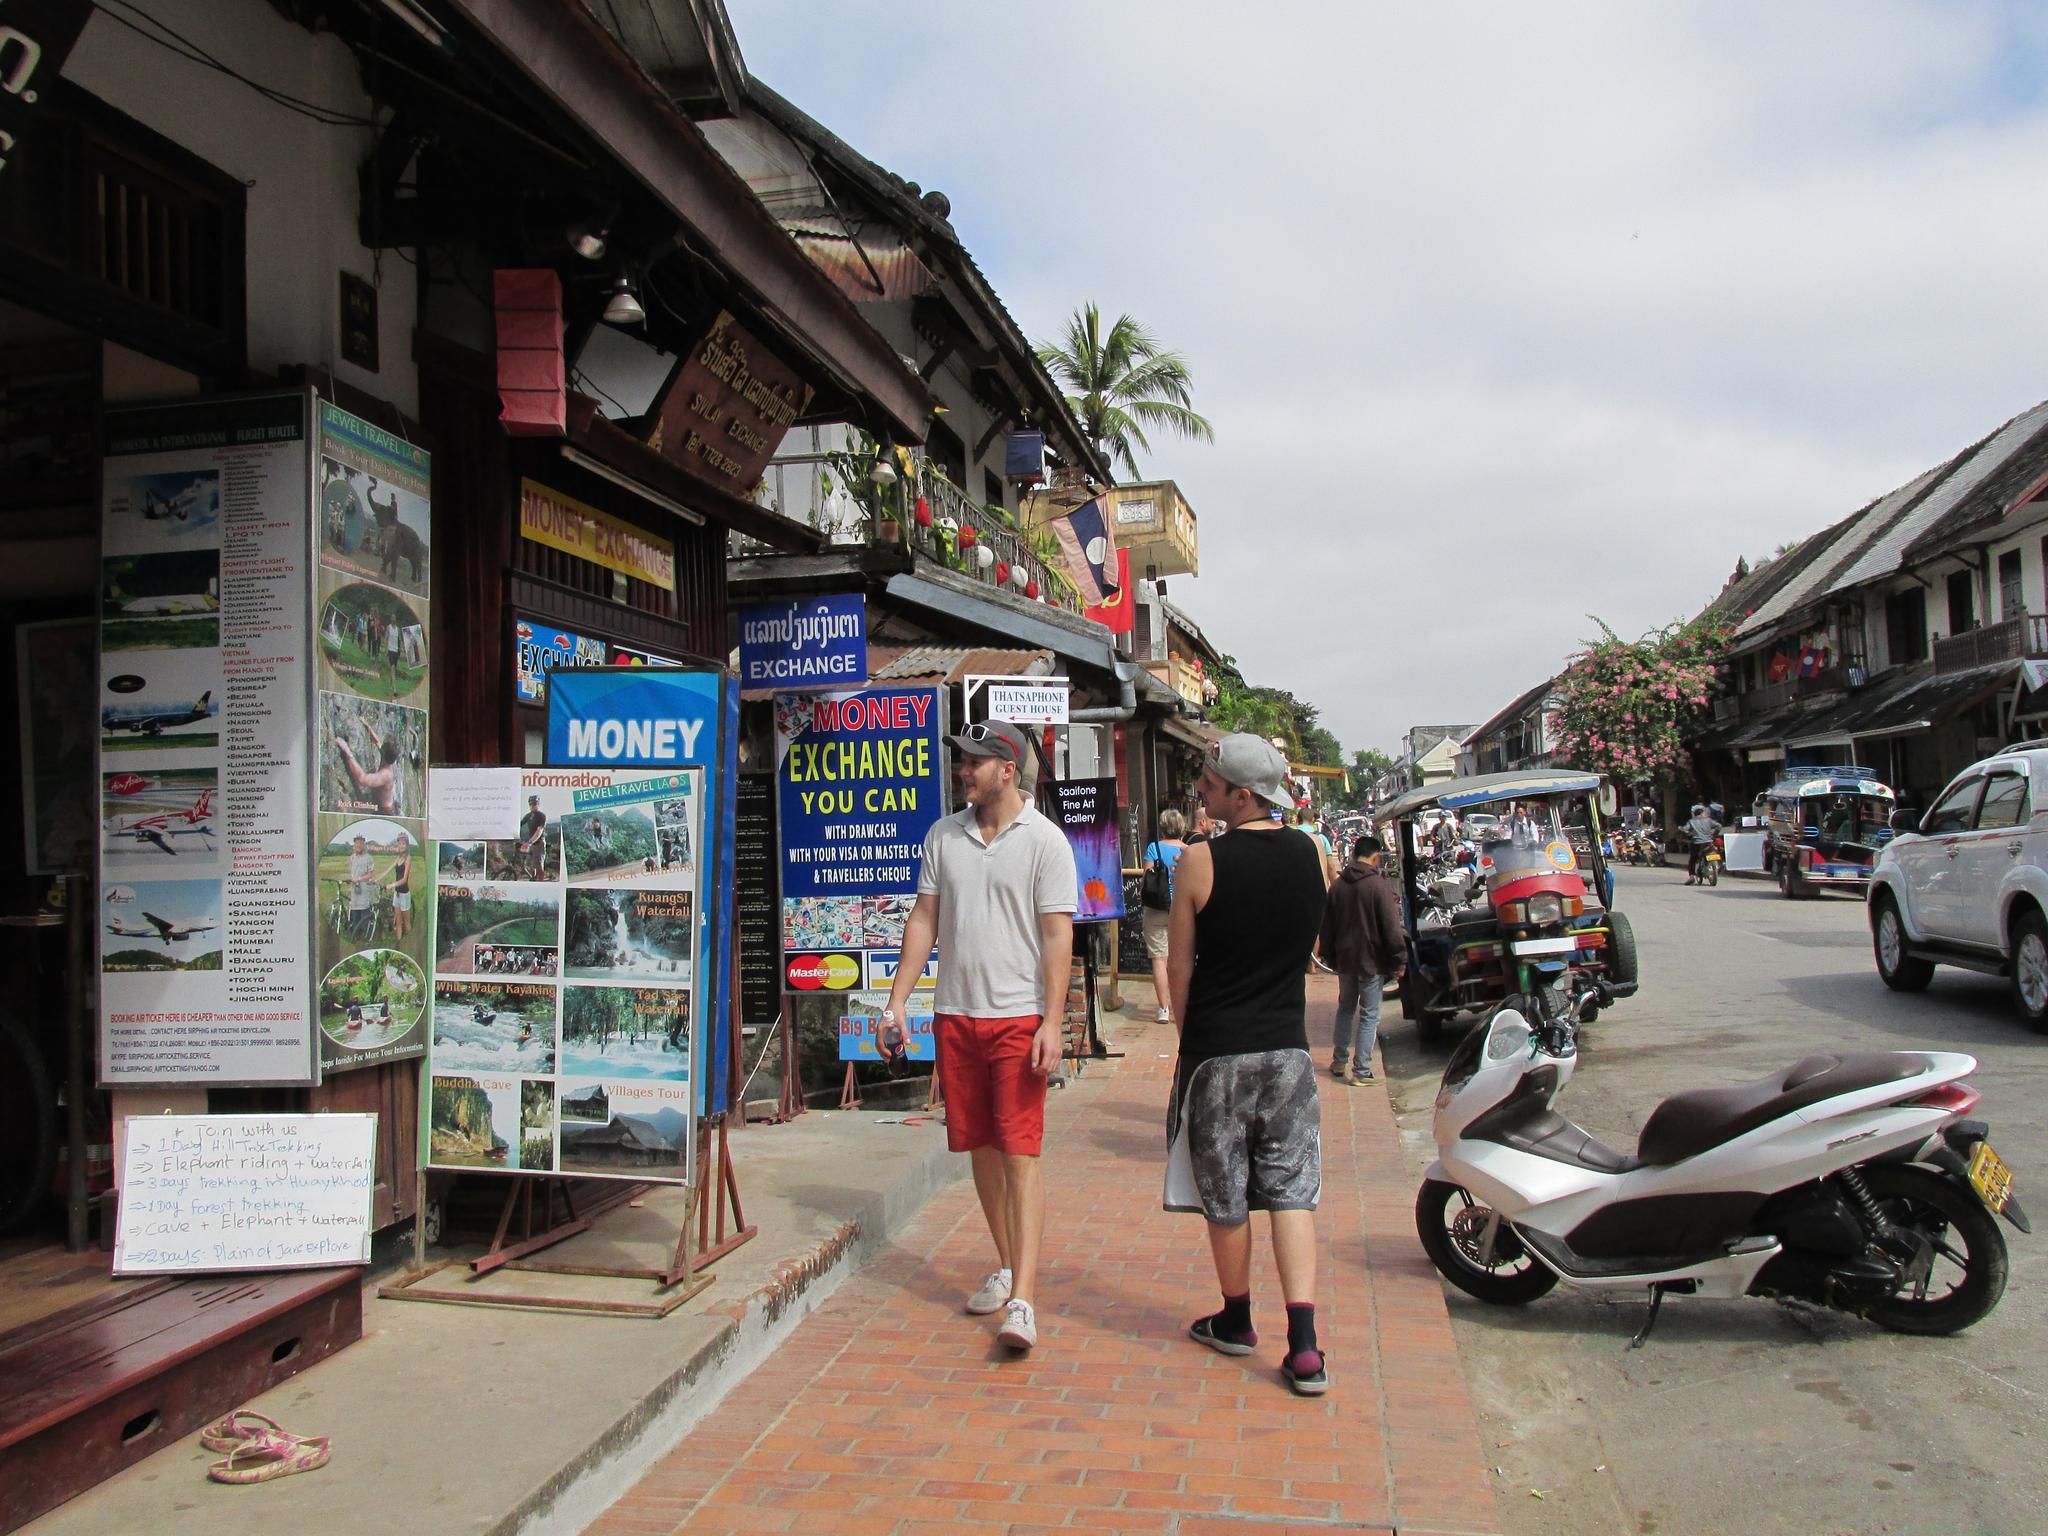 老挝 琅勃拉邦 洋人街